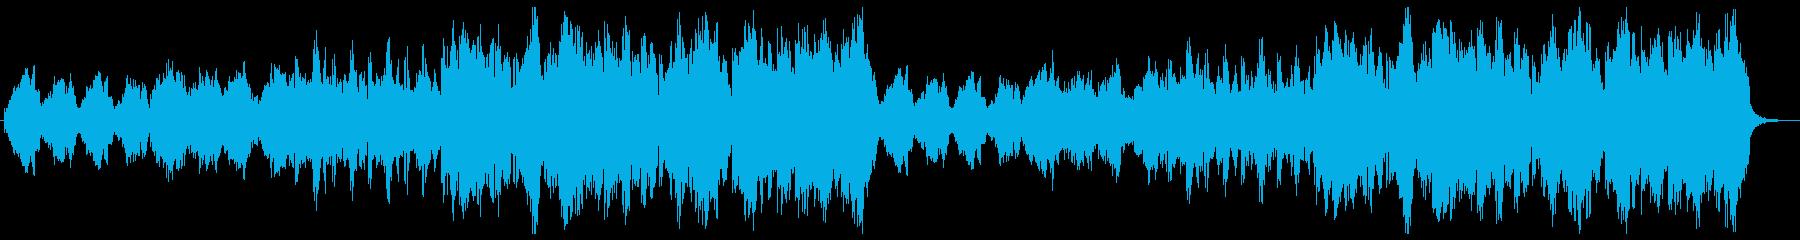 暖かい森をイメージしたサウンドトラックの再生済みの波形